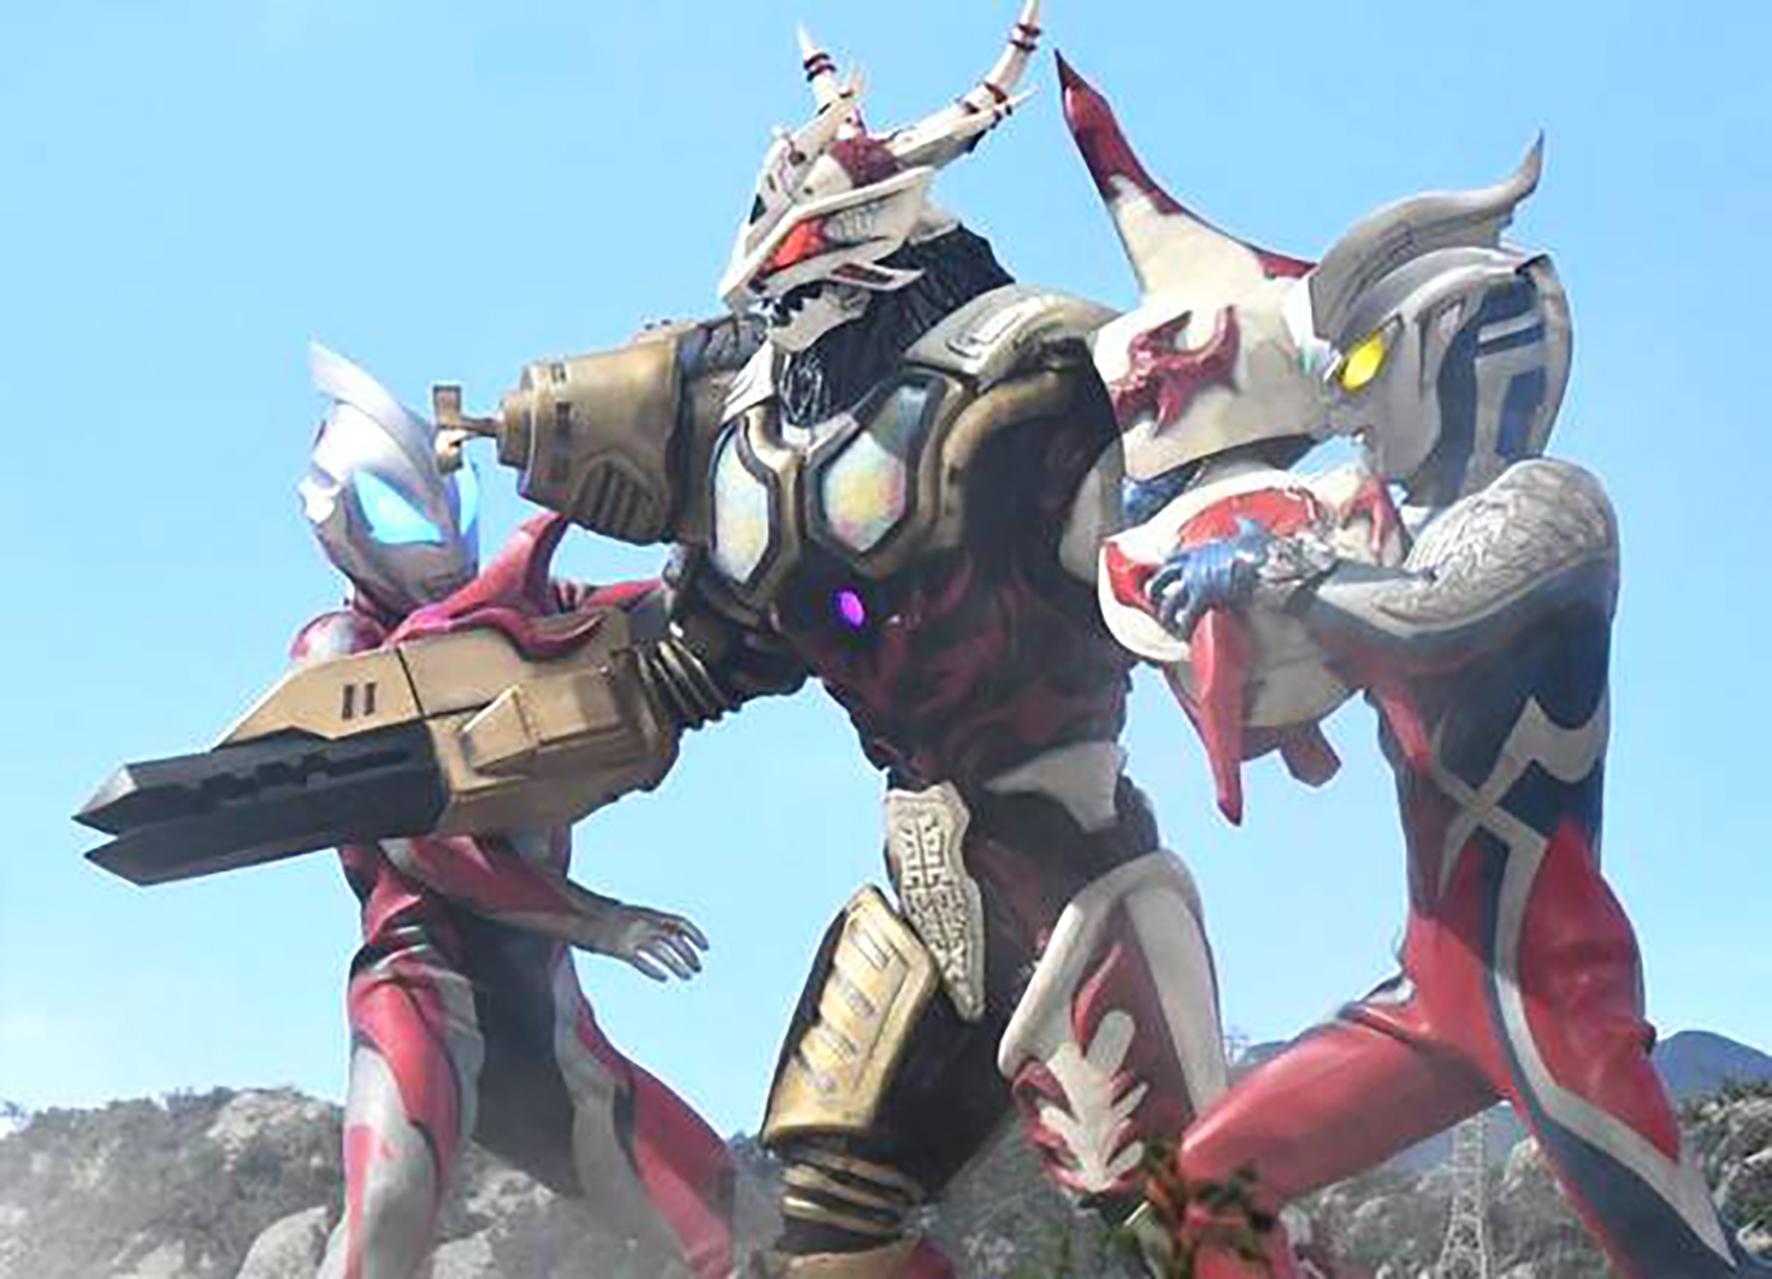 无限之主角天敌5200_三大人气怪兽的至高形态,不要以为就你们奥特曼有皮肤